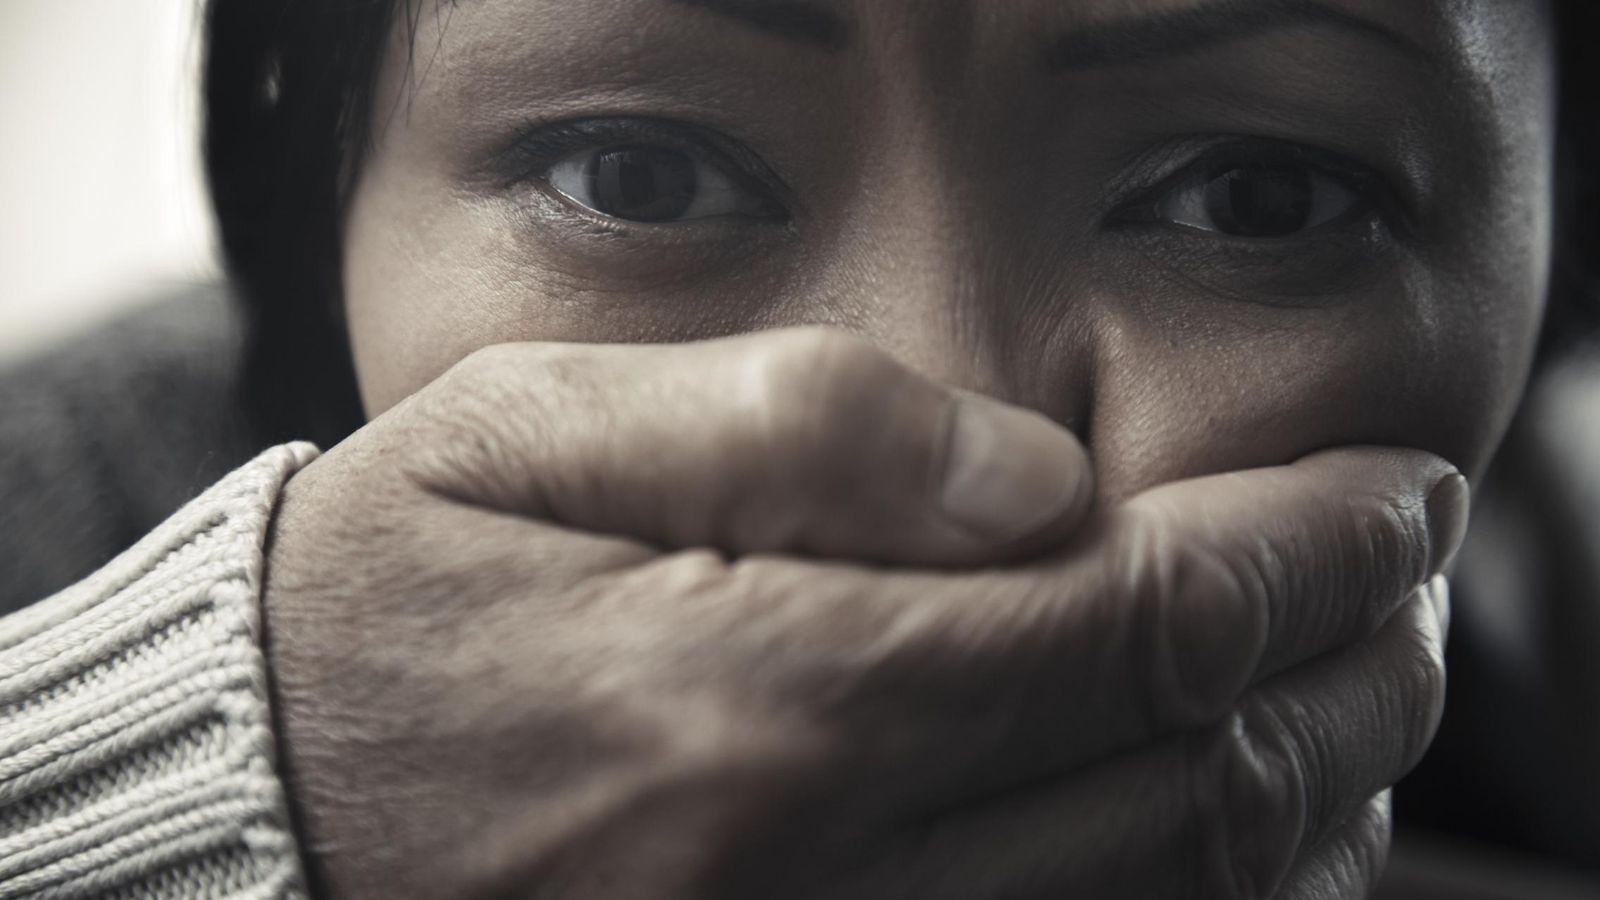 Foto: El miedo invade a millones de mujeres en el mundo, y es por su culpa. (Corbis)